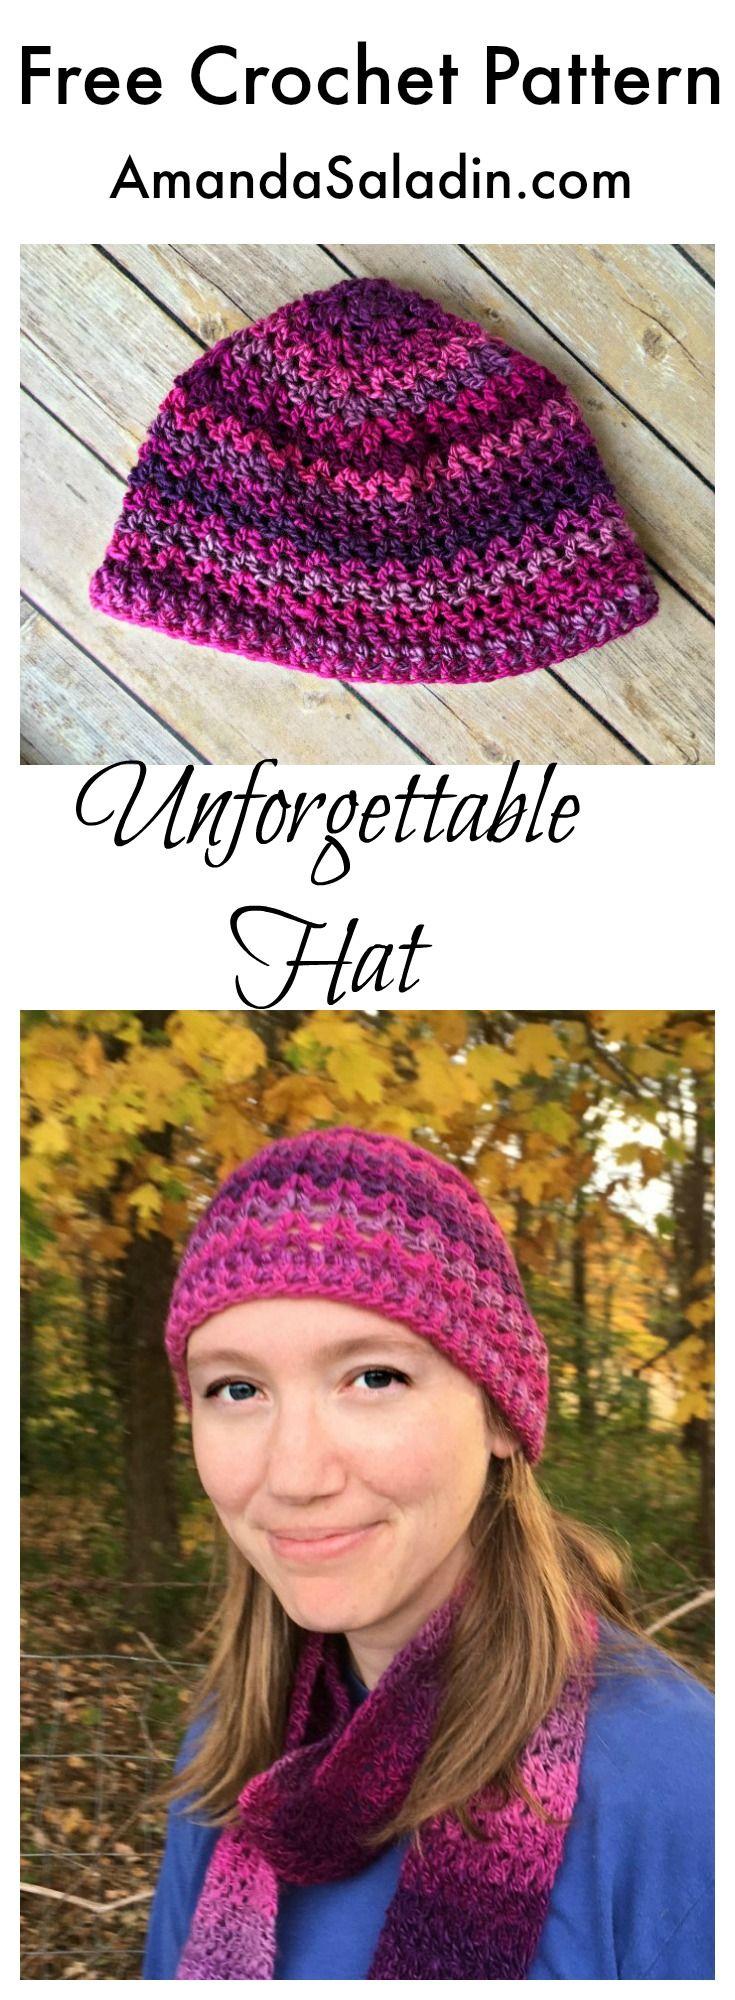 Unforgettable Hat - Free Crochet Pattern | Häkeln, Inspiration und ...